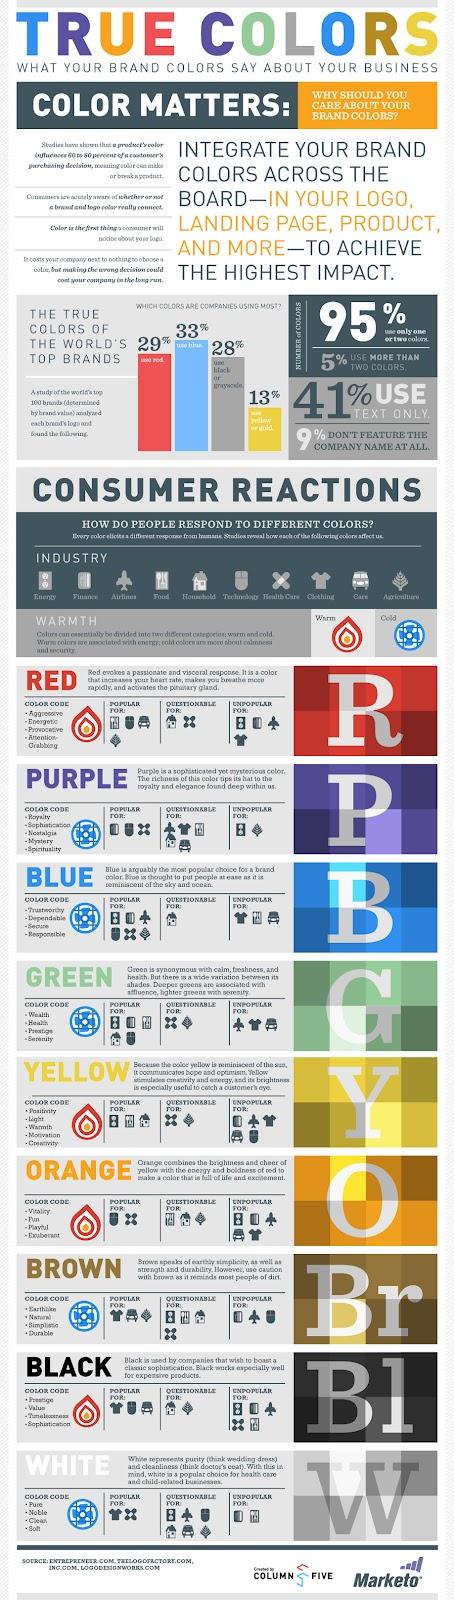 La importancia de los colores en las marcas